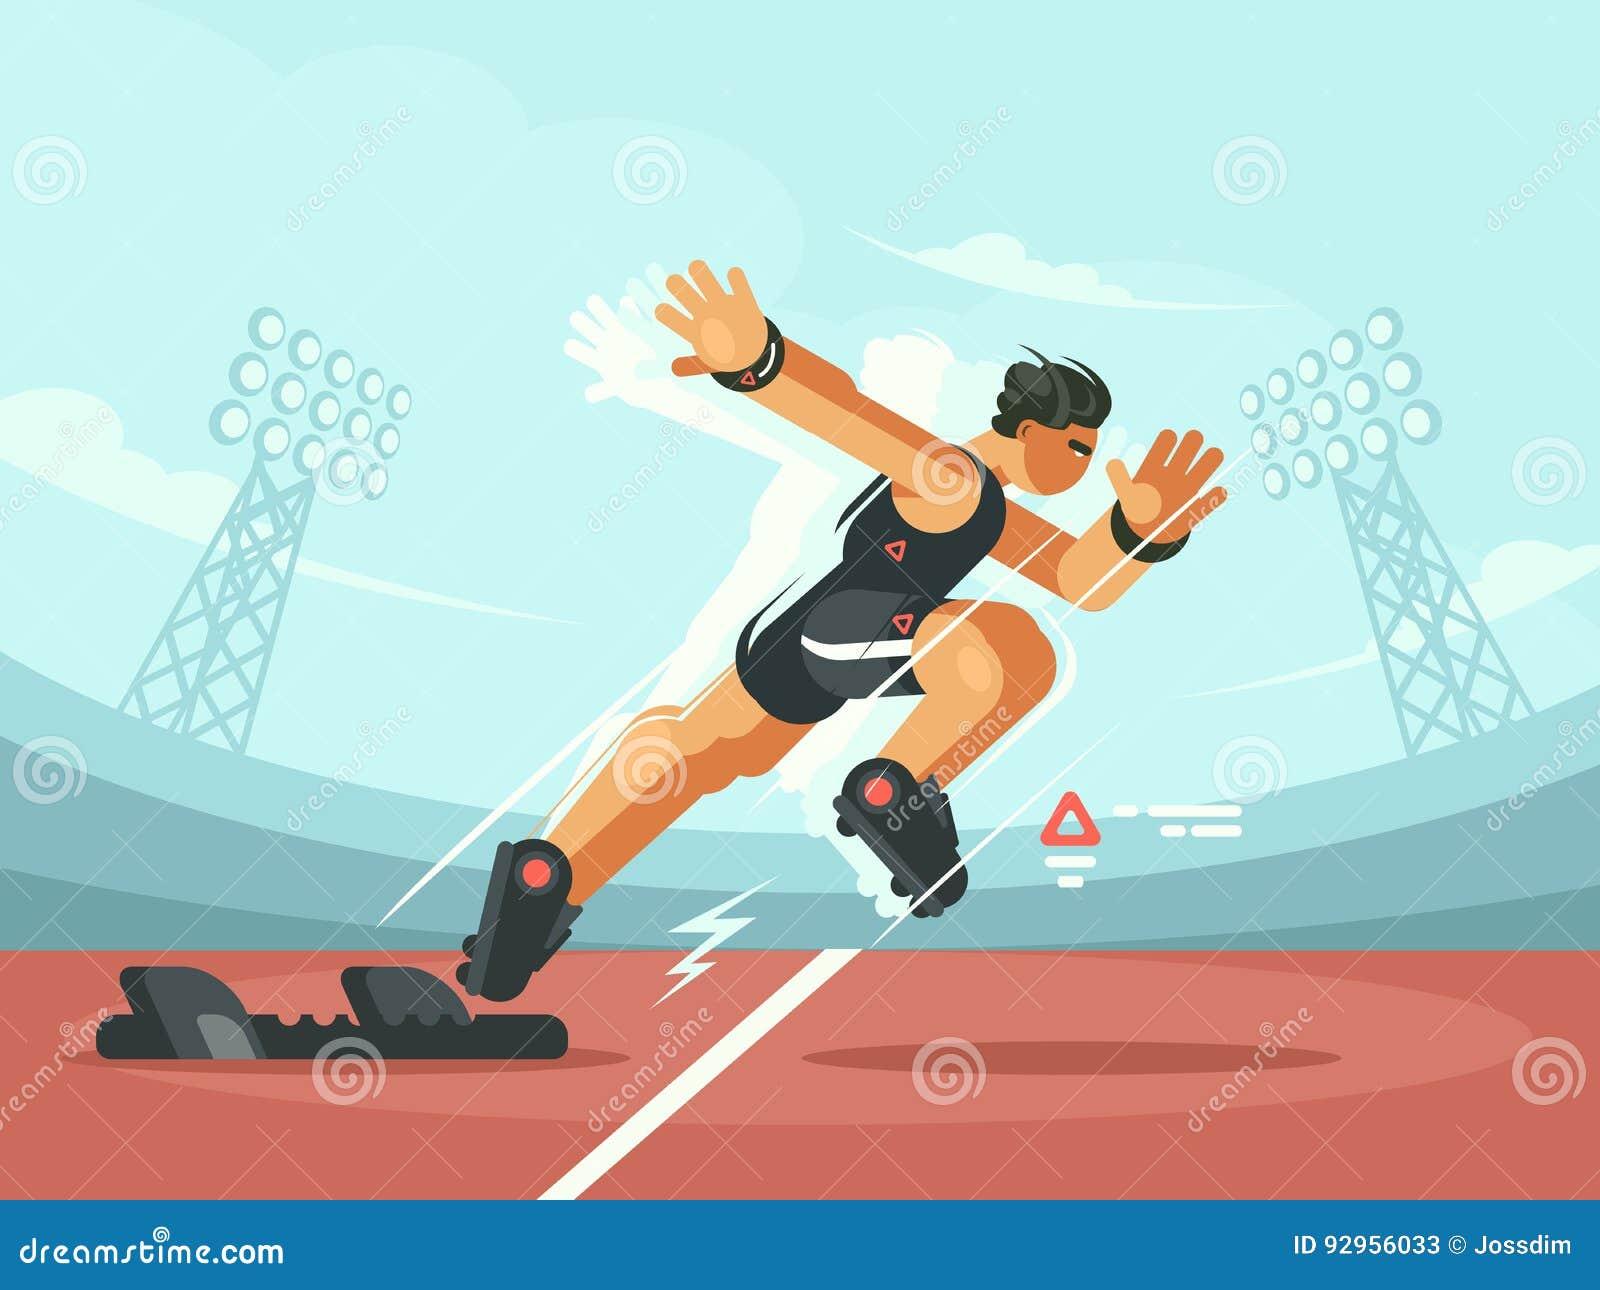 Athlete sprint start